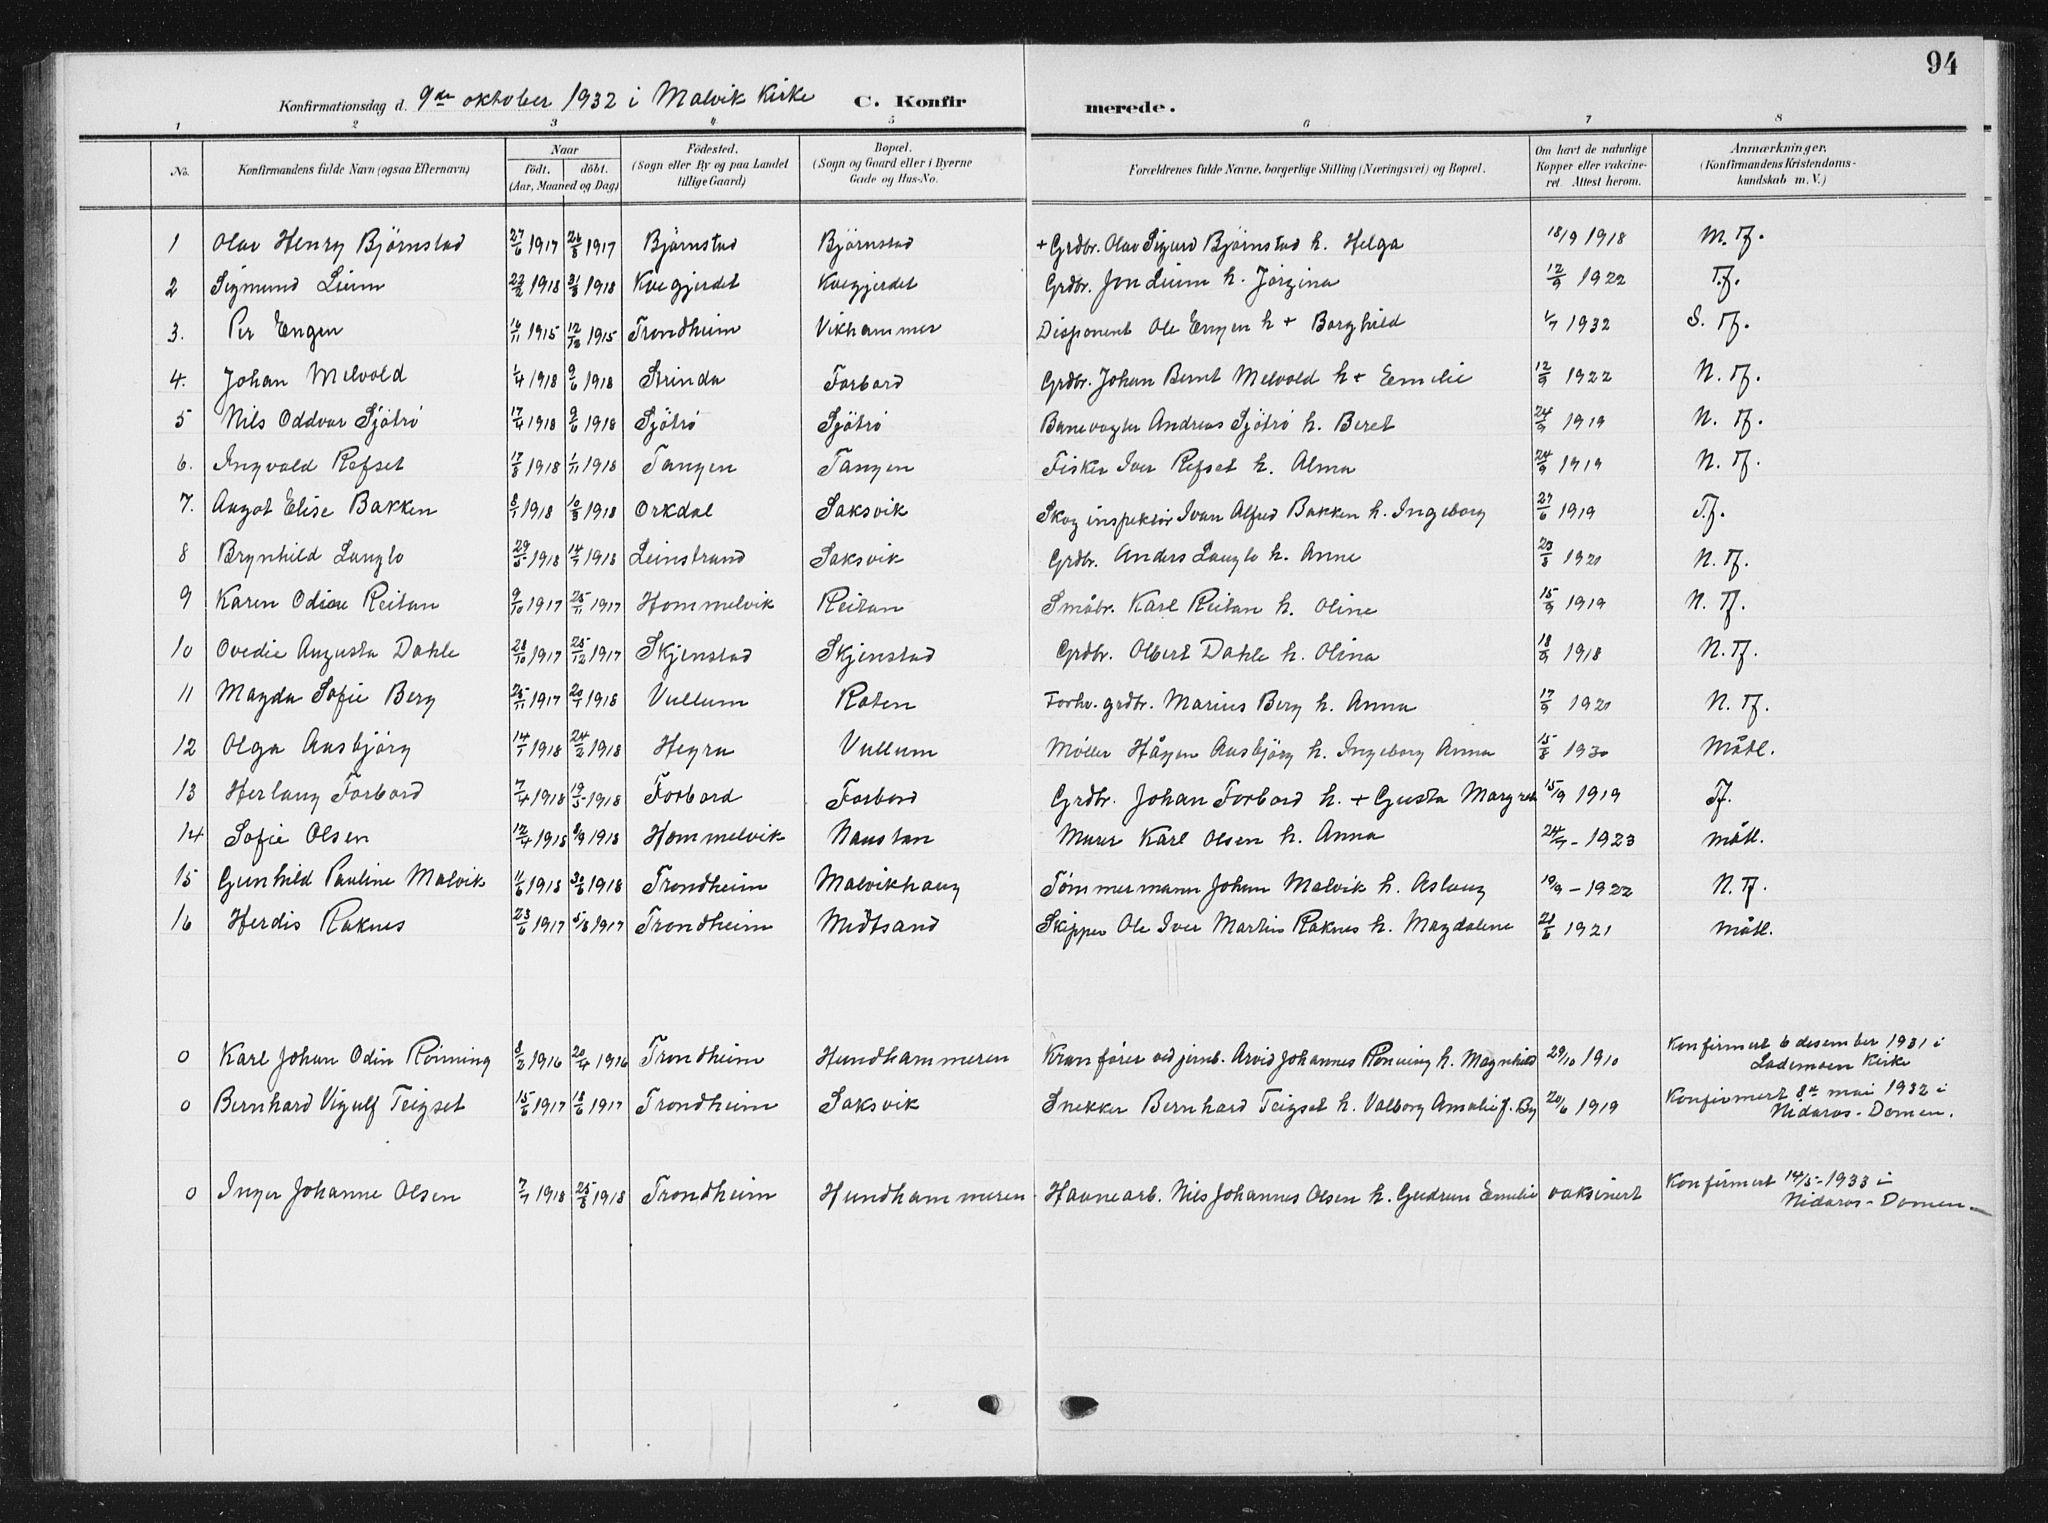 SAT, Ministerialprotokoller, klokkerbøker og fødselsregistre - Sør-Trøndelag, 616/L0424: Klokkerbok nr. 616C07, 1904-1940, s. 94